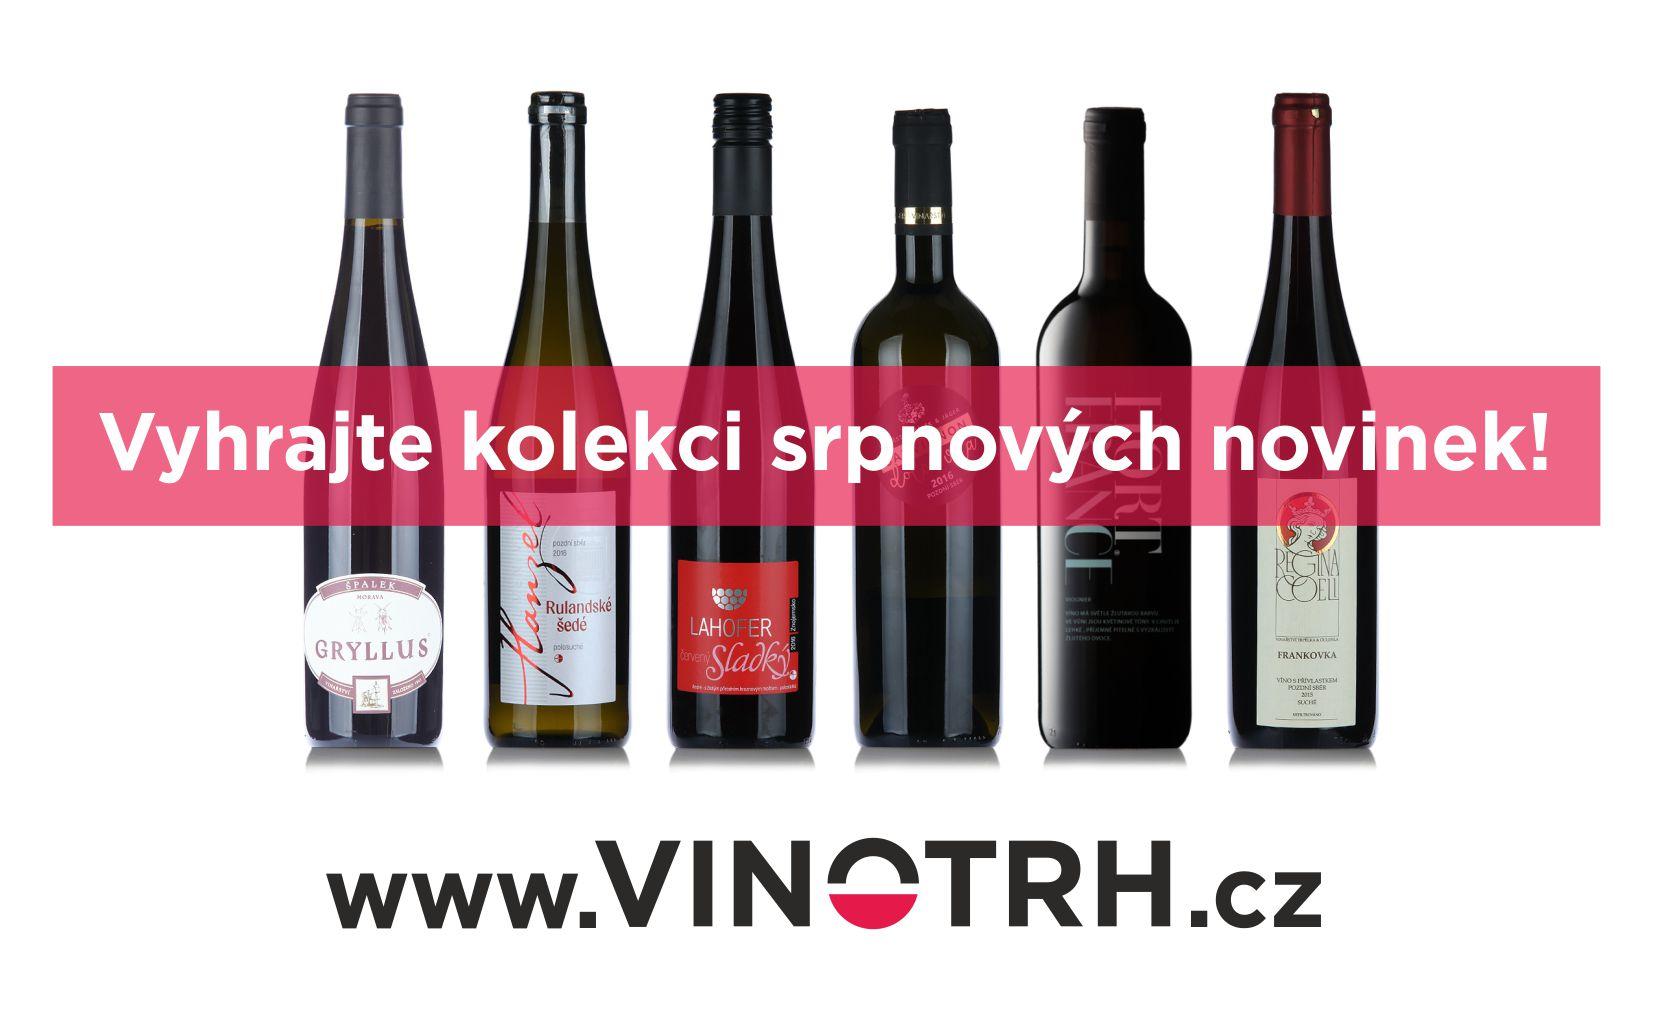 Vyhrajte šest lahví moravského vína! - www.vinotrh.cz